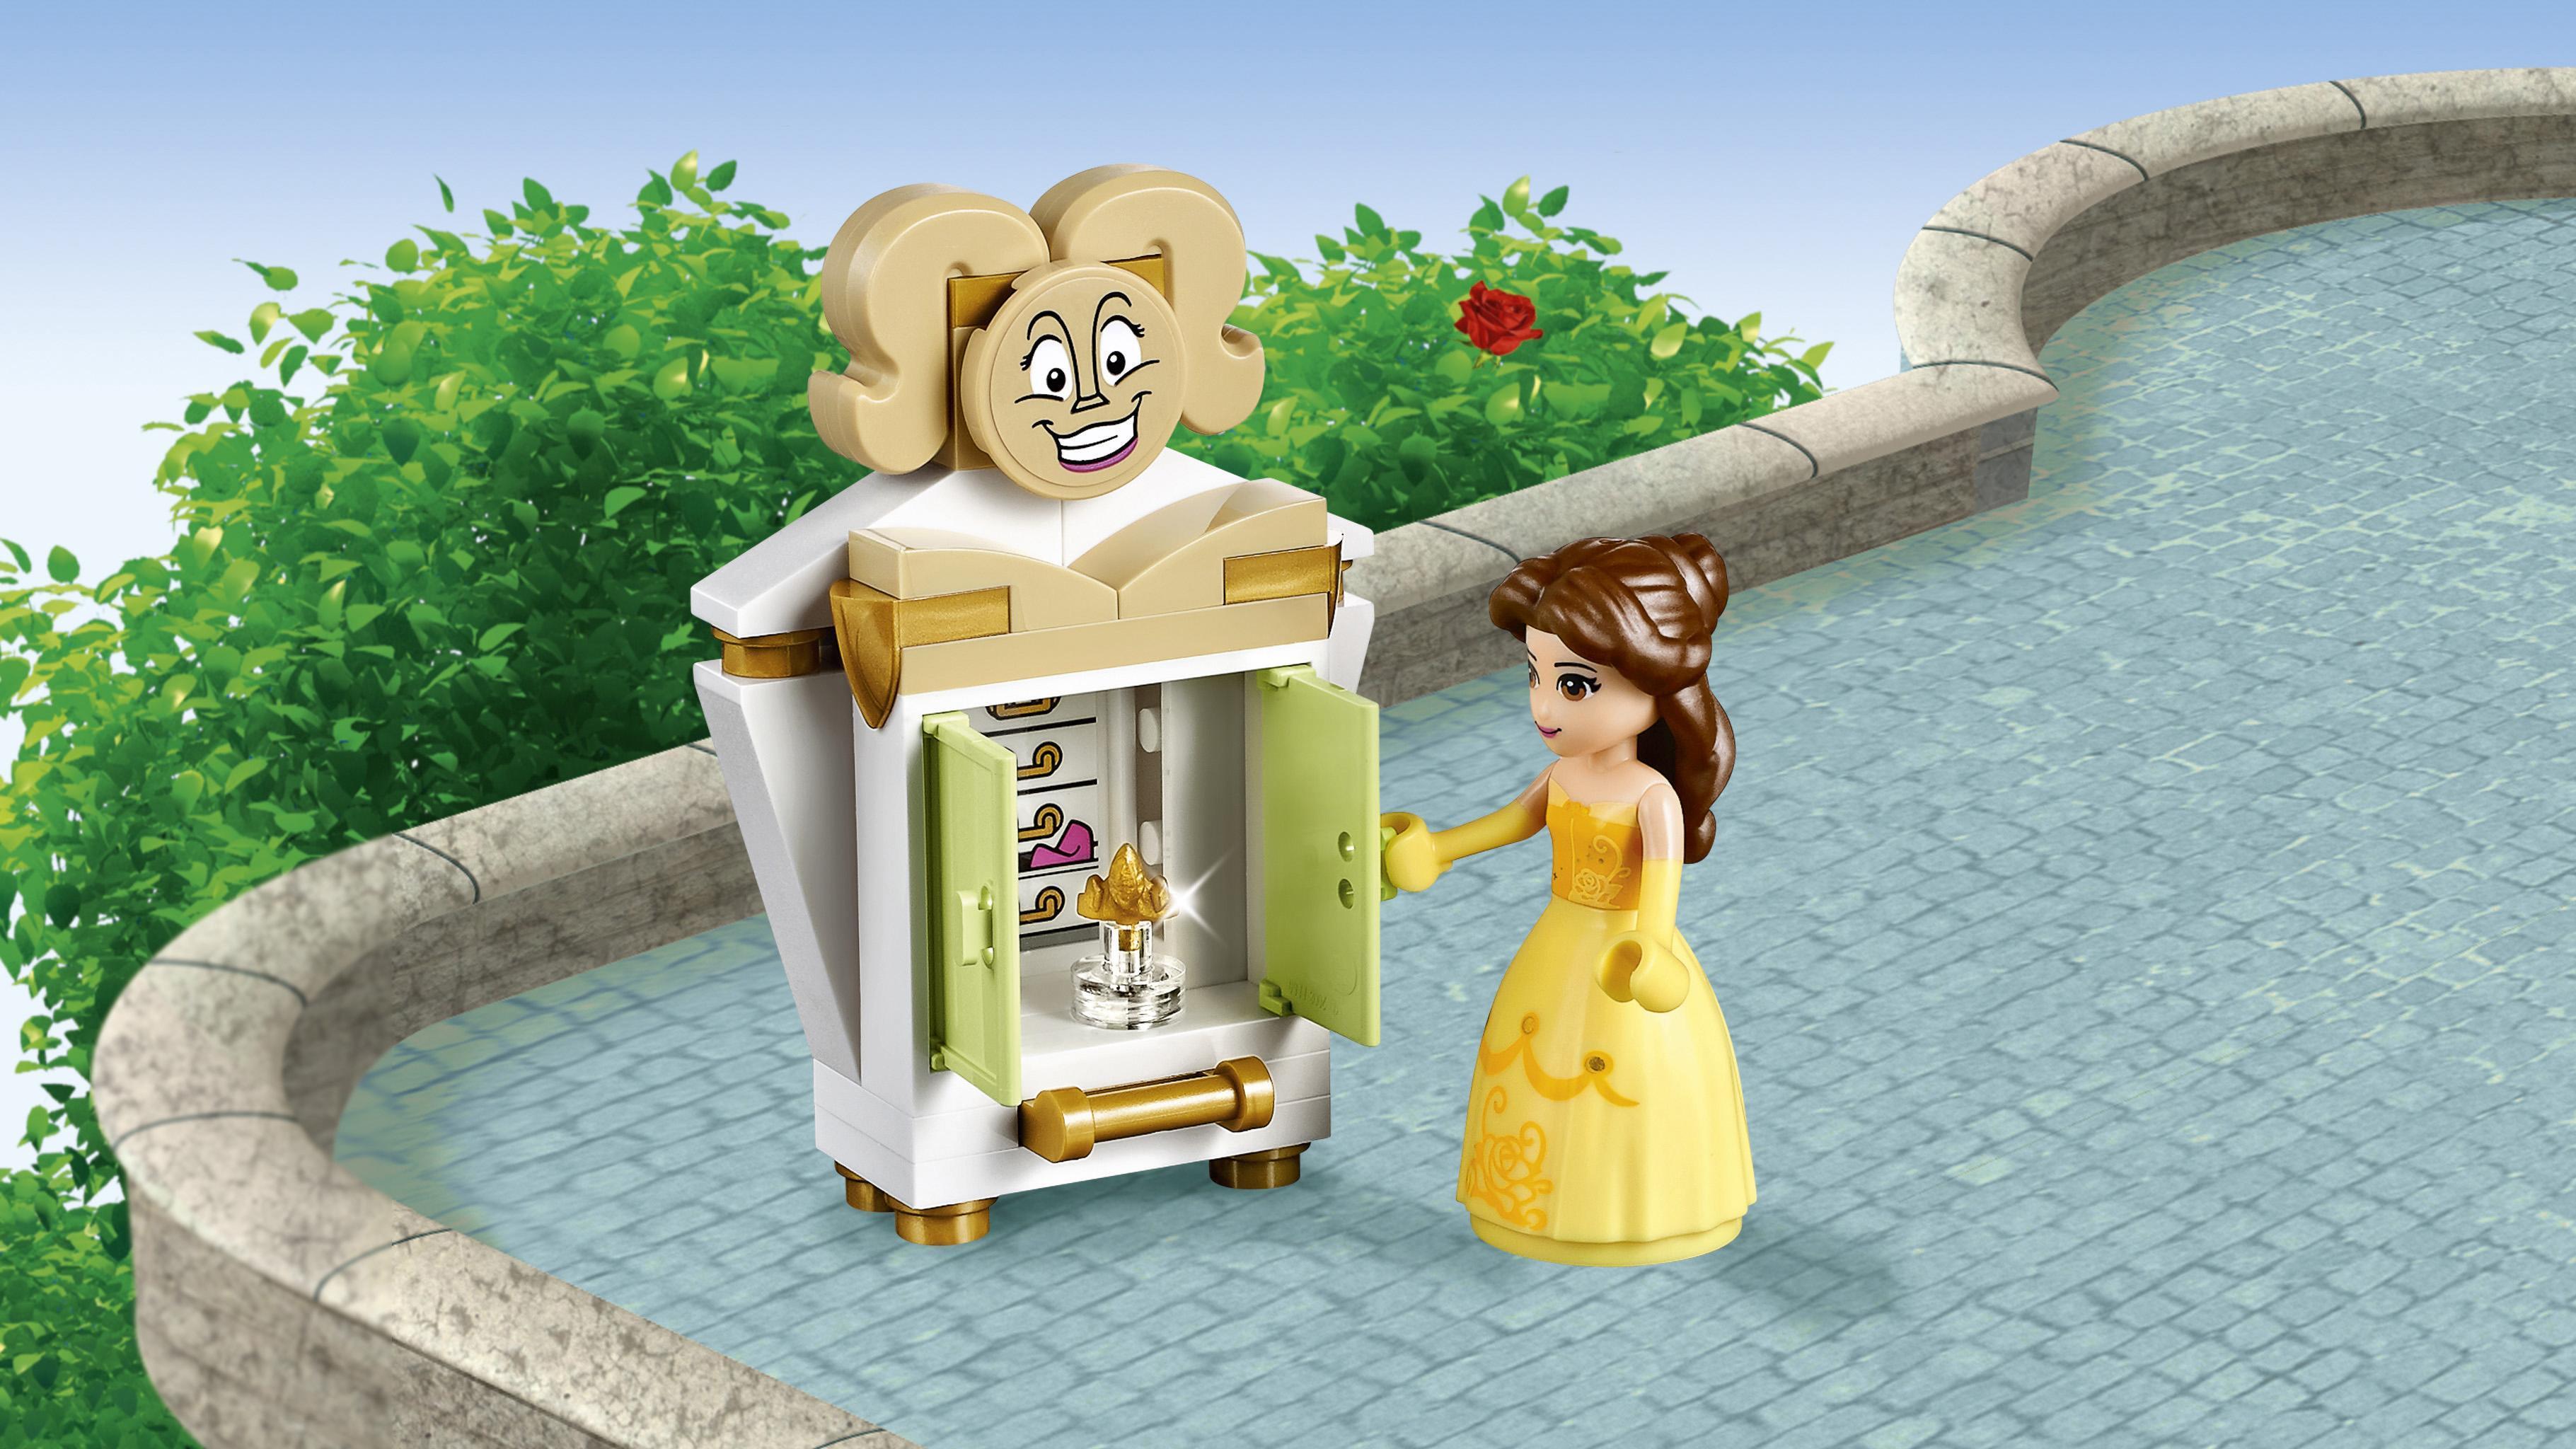 Sale lego 41067 disney princess belle 39 s enchanted castle - Plus belle construction lego ...